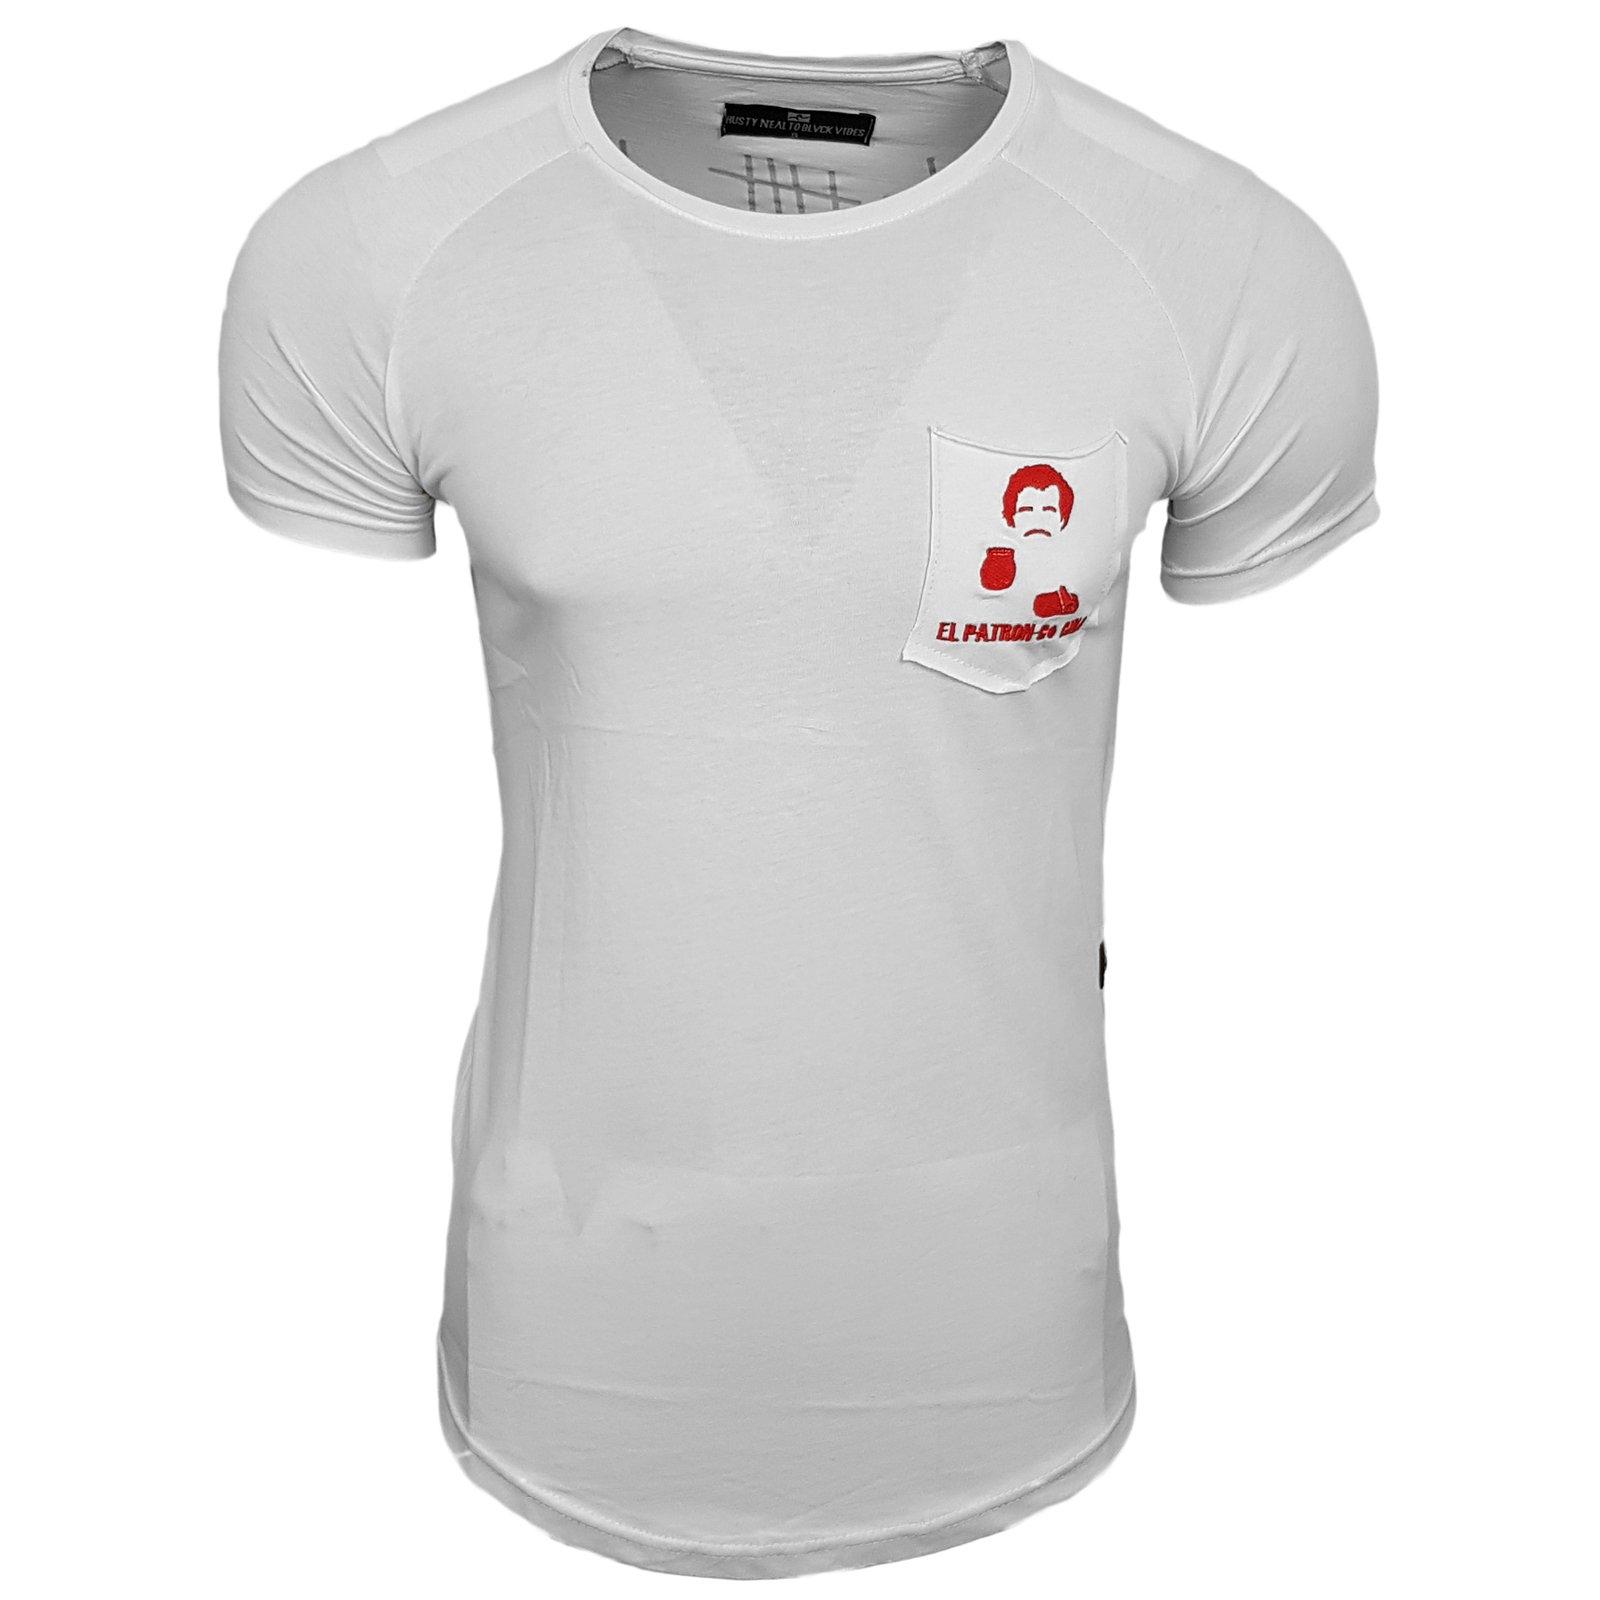 shirt Vind Neal Bij T Je Rusty rCeWoxdB